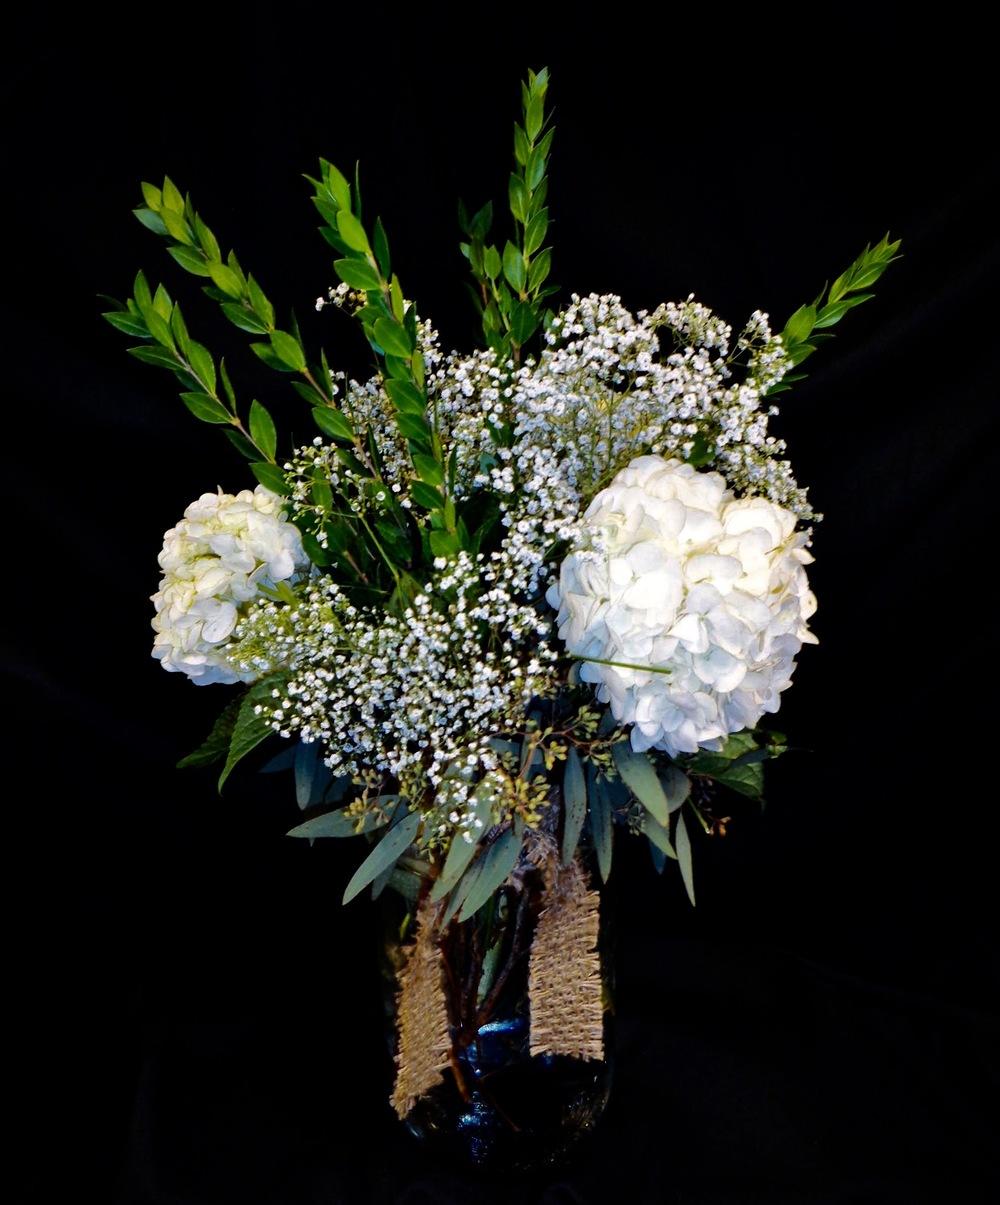 flowers - 65.jpg